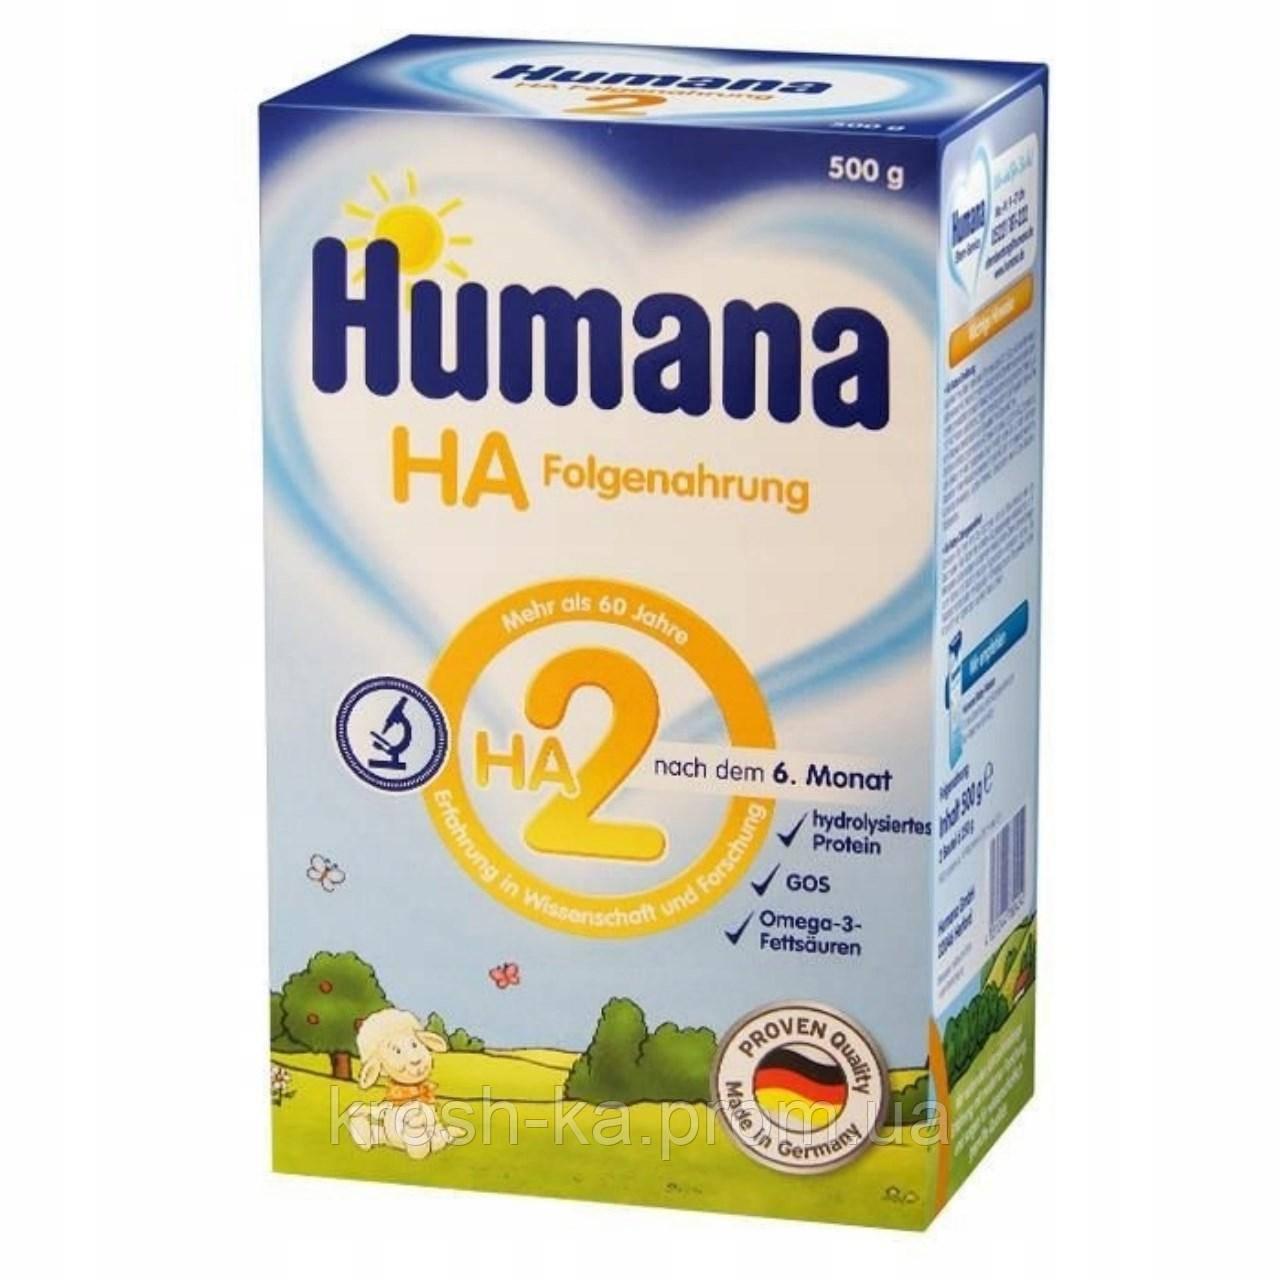 Молочная суая гипоаллергенная смесь Humana HA 2 500г Humana Германия 76329